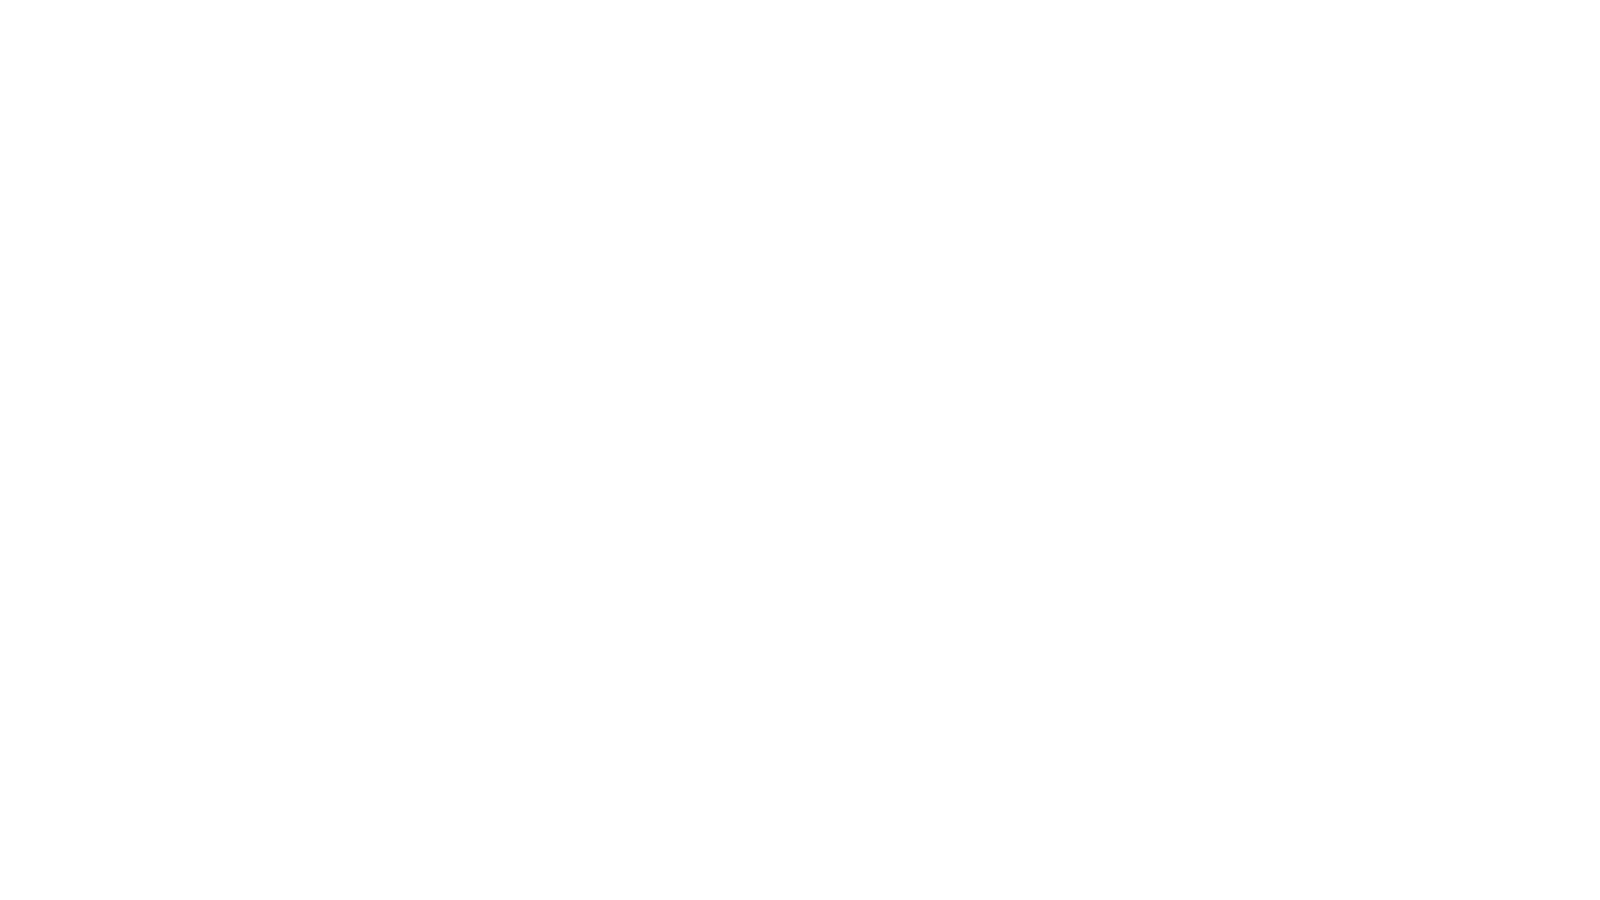 """10. prosinca, obilježava se Međunarodni dan ljudskih prava, dan kada je potpisana Opća deklaracija Ujedinjenih naroda o ljudskim pravima 1948. godine. Centar za mlade """"Ivan Pavao II."""" želio je obilježiti ovaj dan u okviru svojih projekata """"Mladi i demokracija"""" i """"Koračajmo zajedno"""".  Stoga su vršnjački edukatori međureligijskog projekta za mlade """"Koračajmo zajedno"""" odlučili poslati video podrške poštivanju ljudskih prava i sloboda, pod nazivom """"Mir je naše pravo"""".  Video priredila: Sunčica Đukanović Tehnička obrada: Mirnes Patković Sudjelovali: Irma Agić, Ružica Marković, Ejub Ensar Selimović, Ivona Martić, Marina Papić, Adis Čolaković, Katarina Trapara, Džemaludin Valentić, Anastasija Vuletić, Amina Čolaković, Deana Relatić, Damir Šarac, Željko Maksimović, Sedad Klisura, Vildana Huseinspahić, Monika Galić i Amina Kišić."""